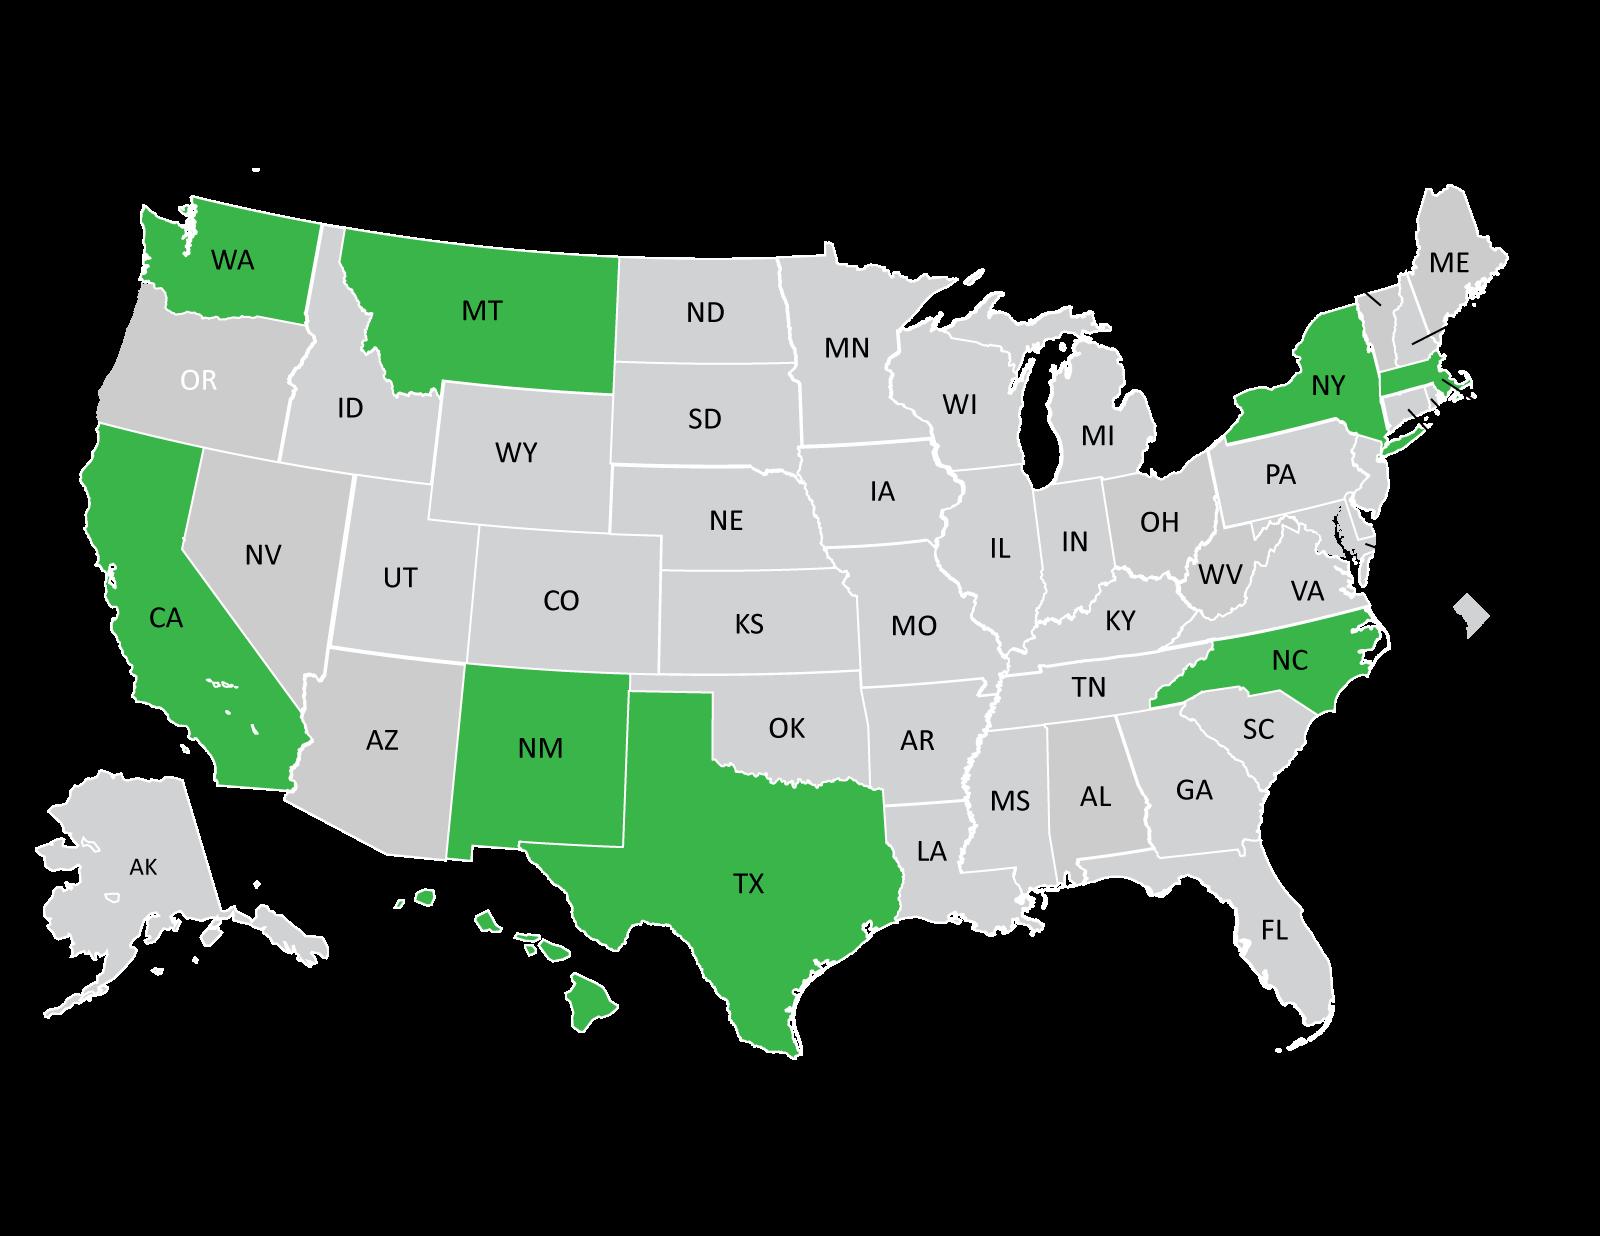 States involved in the RWJF Academic Progression in Nursing program